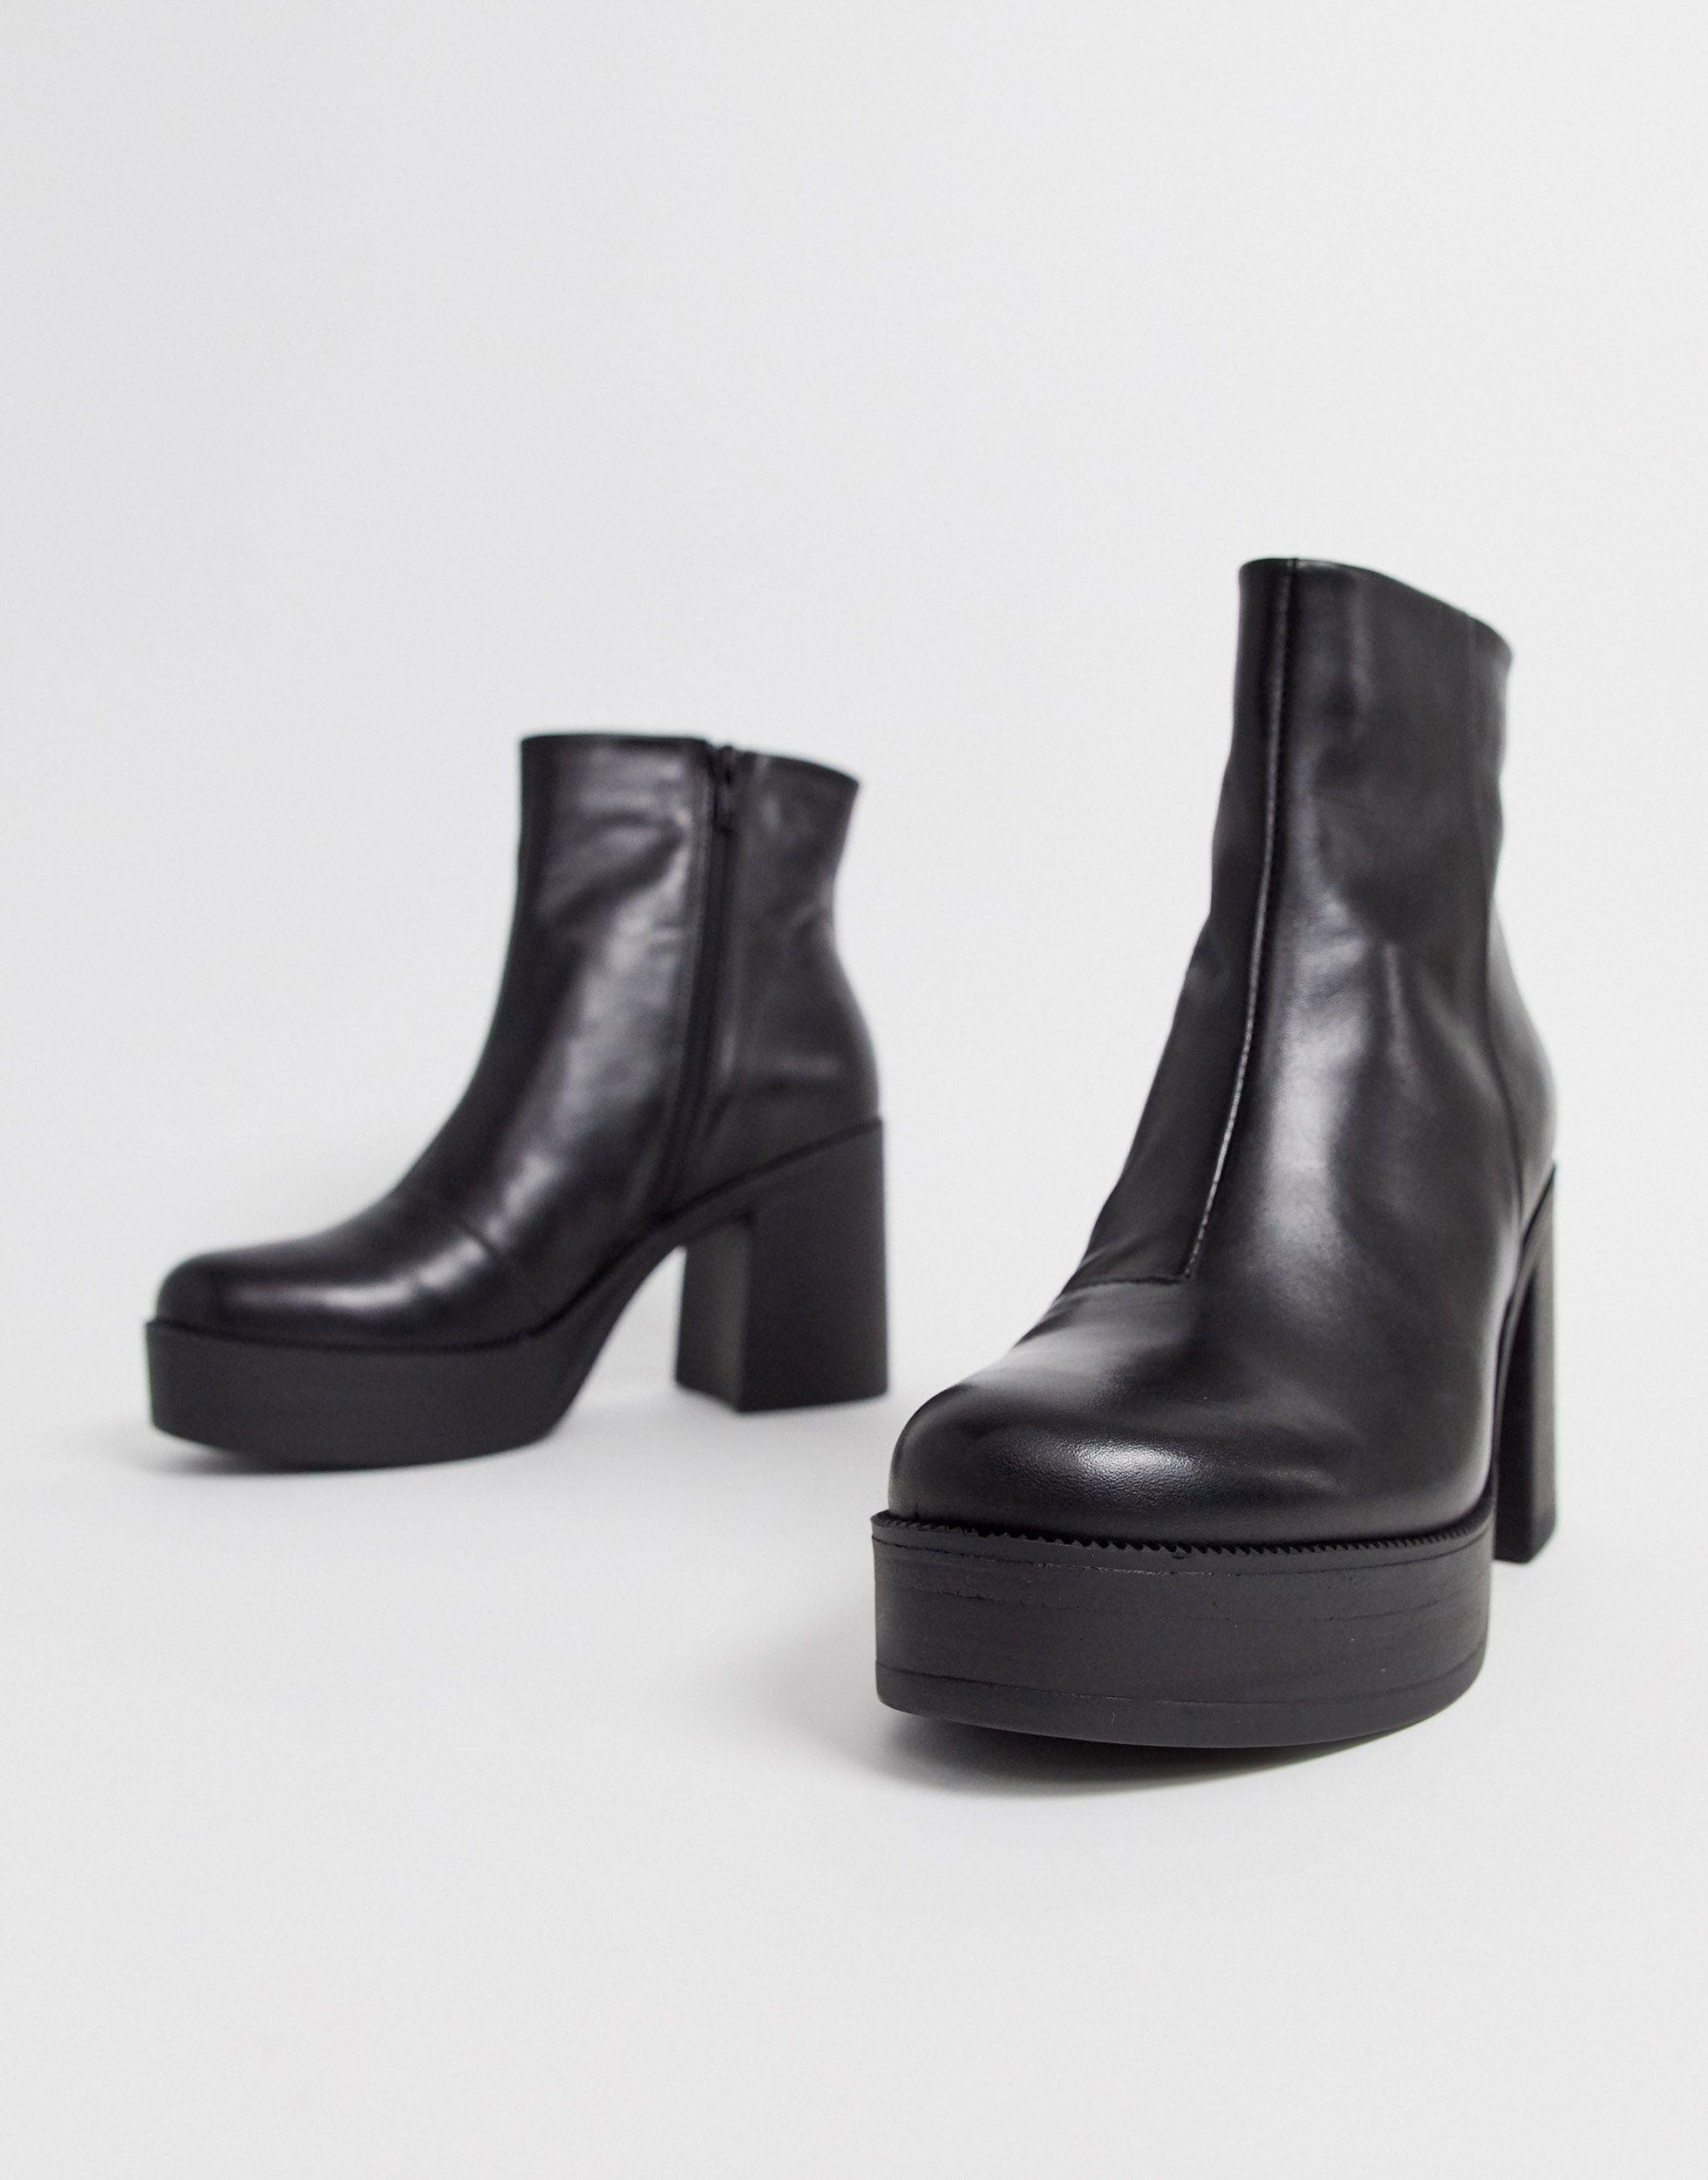 ALDO Platform Heel Leather Boot in